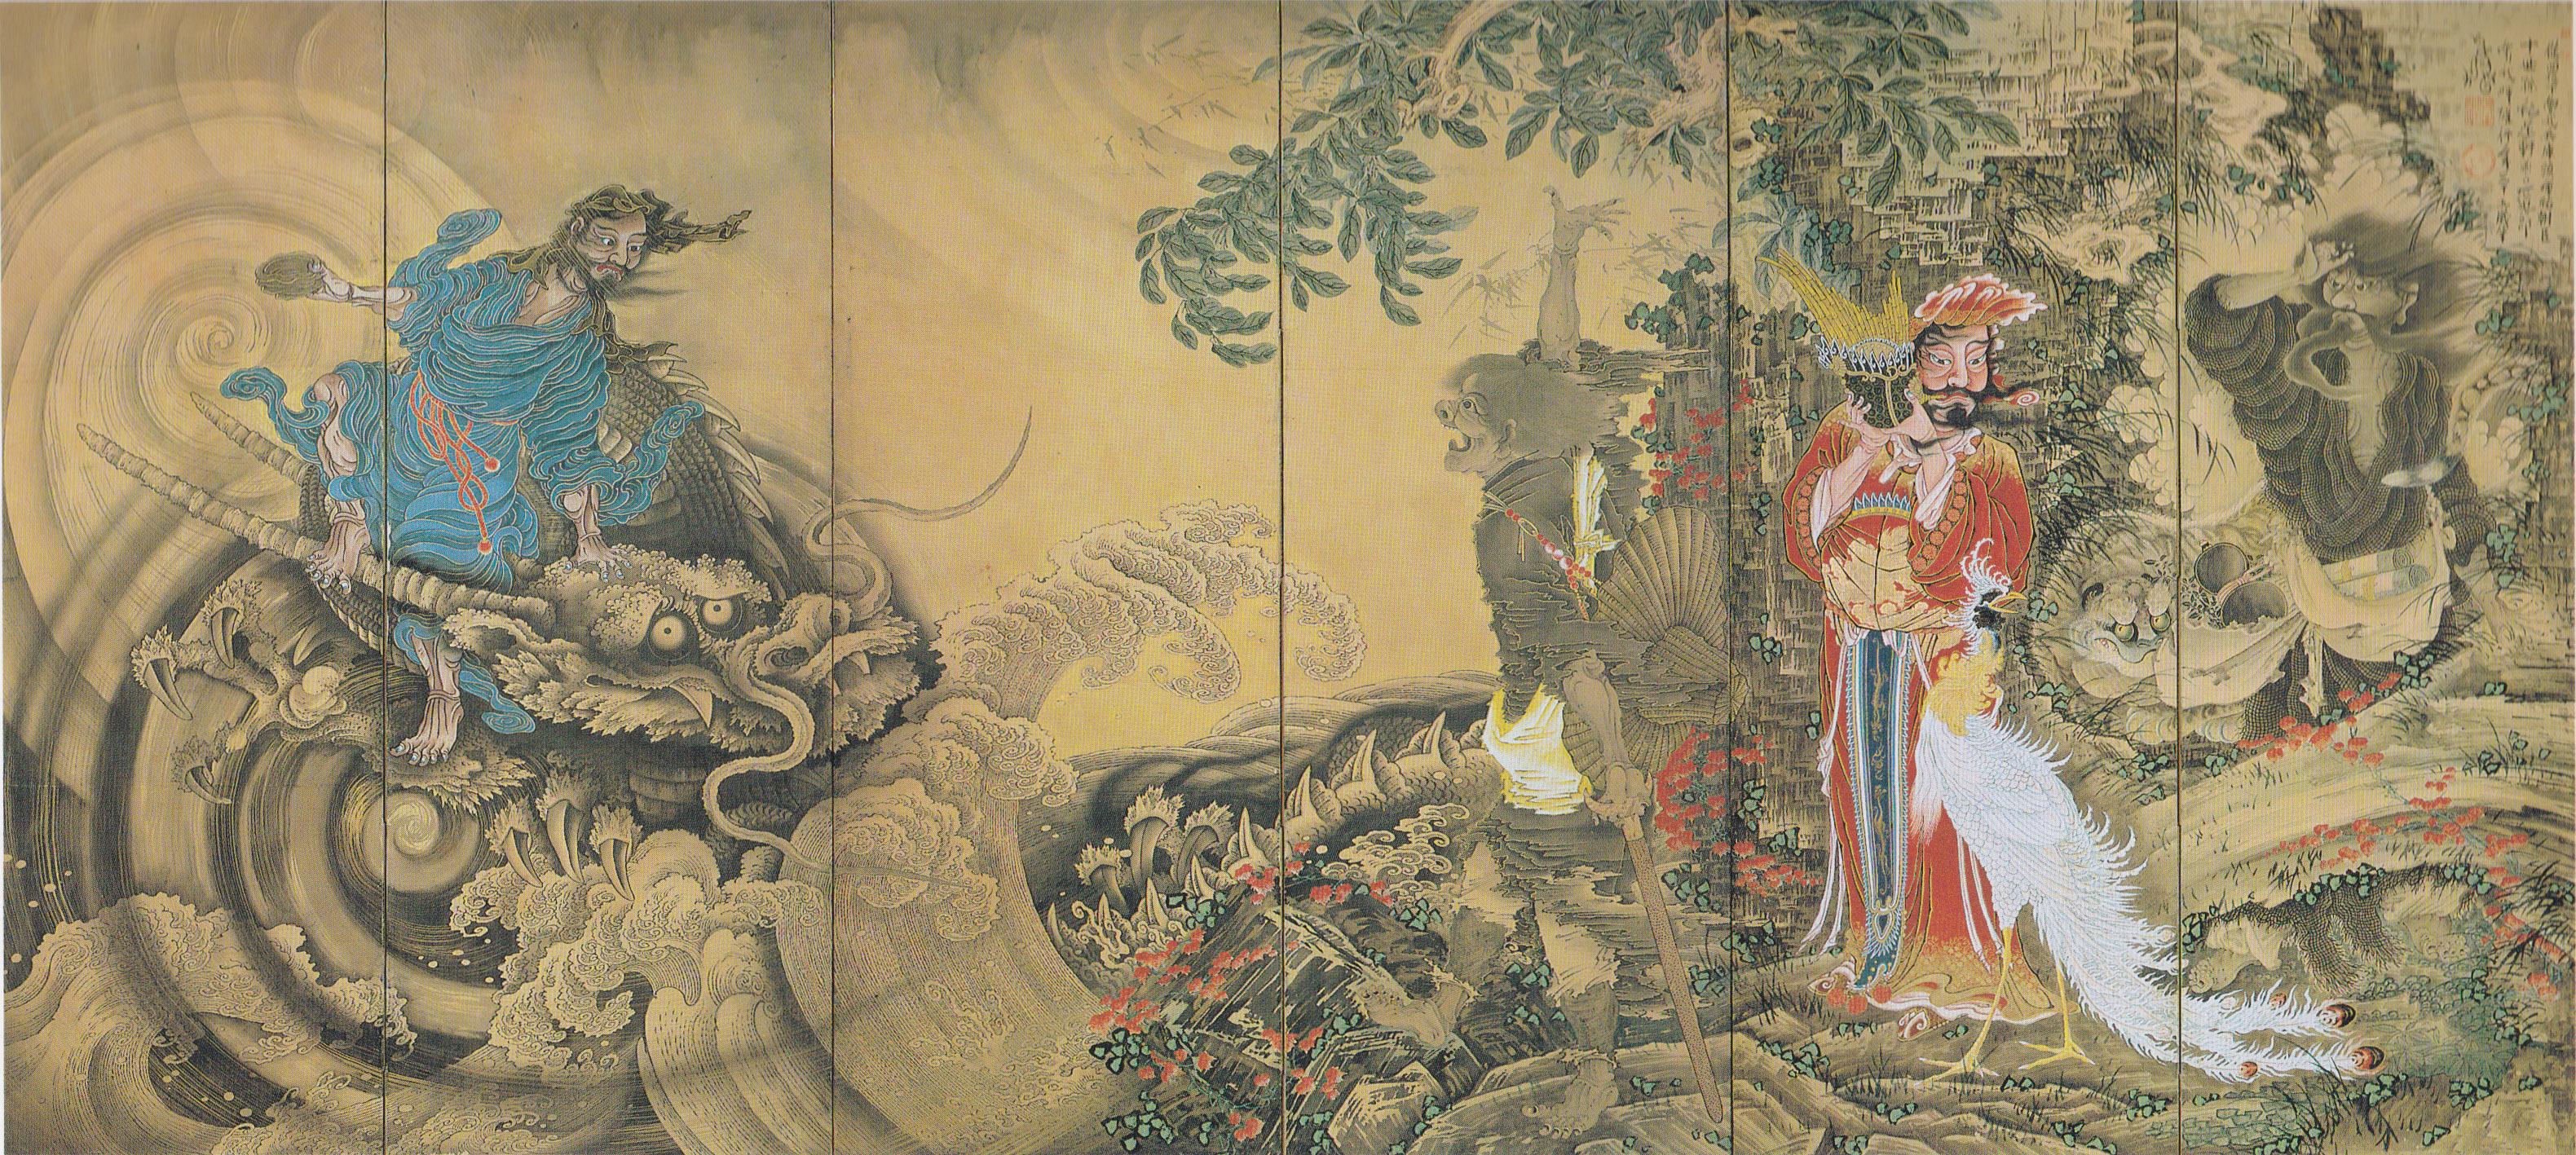 曾我蕭白《群仙図屏風》(右隻) 1764年 文化庁蔵 重要文化財